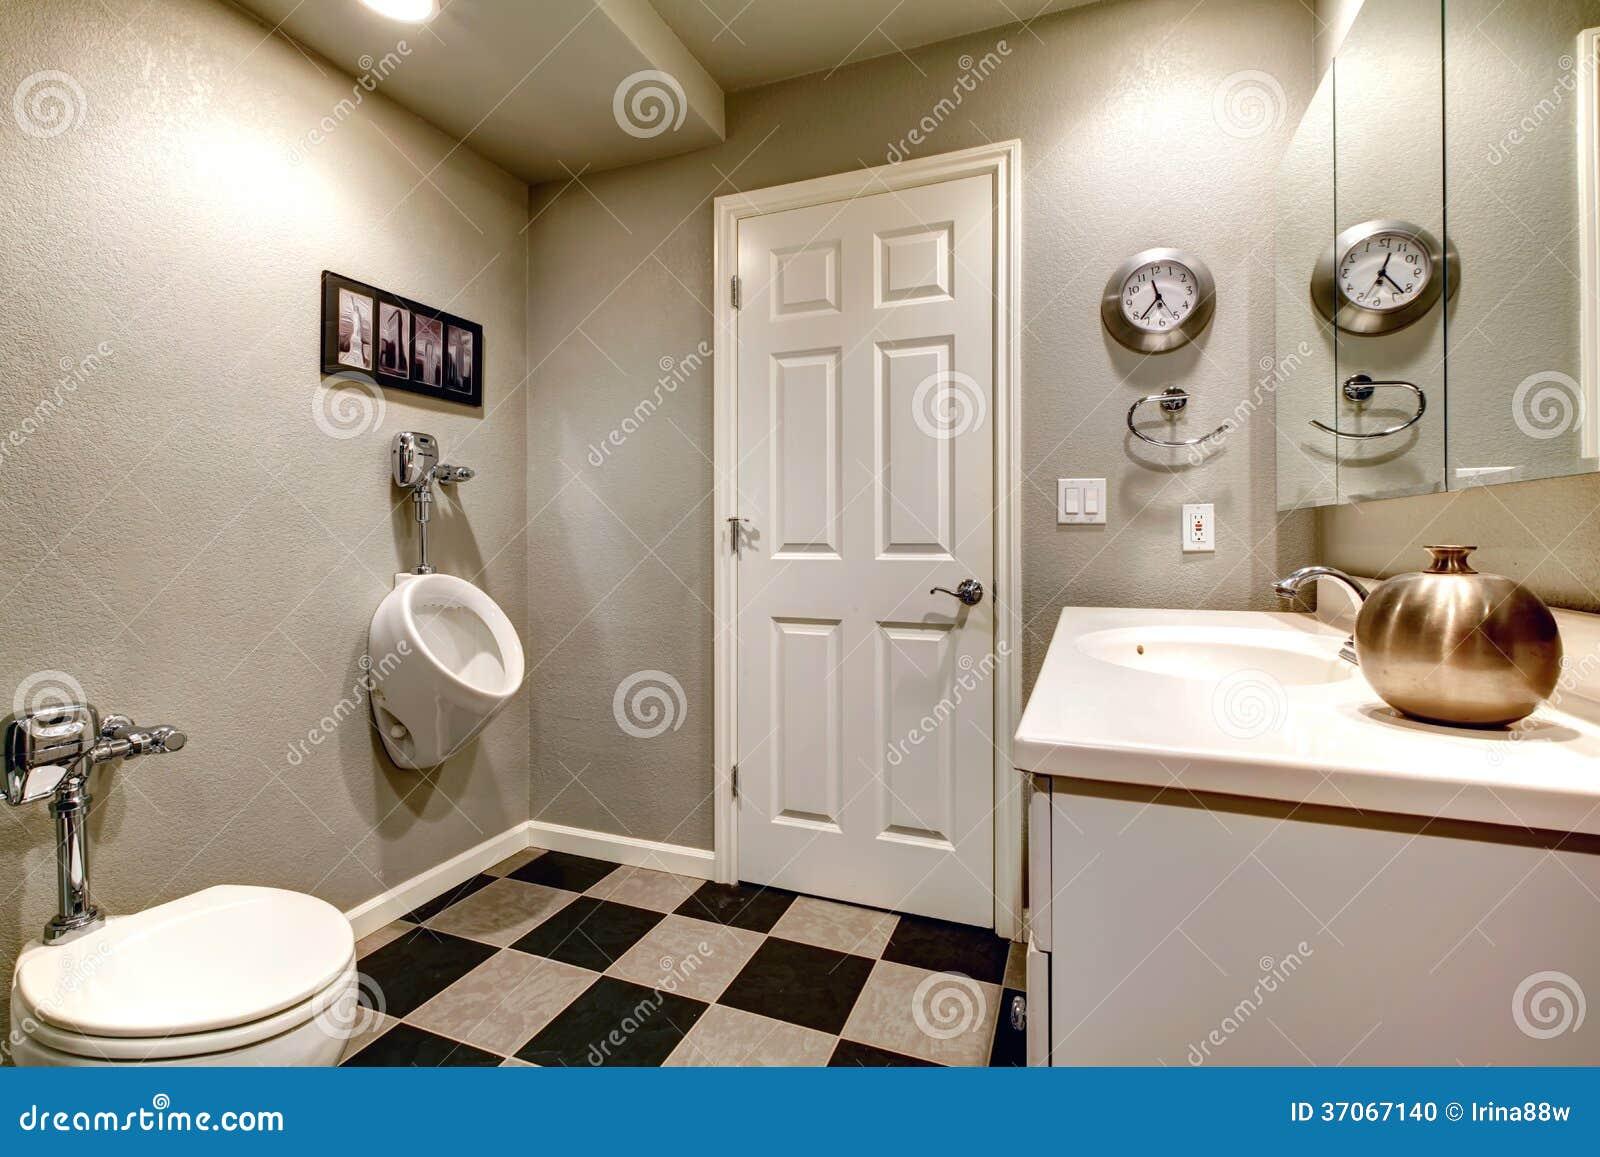 Bagno Bianco Con La Toilette E L'orinale Fotografia Stock - Immagine: 37067140